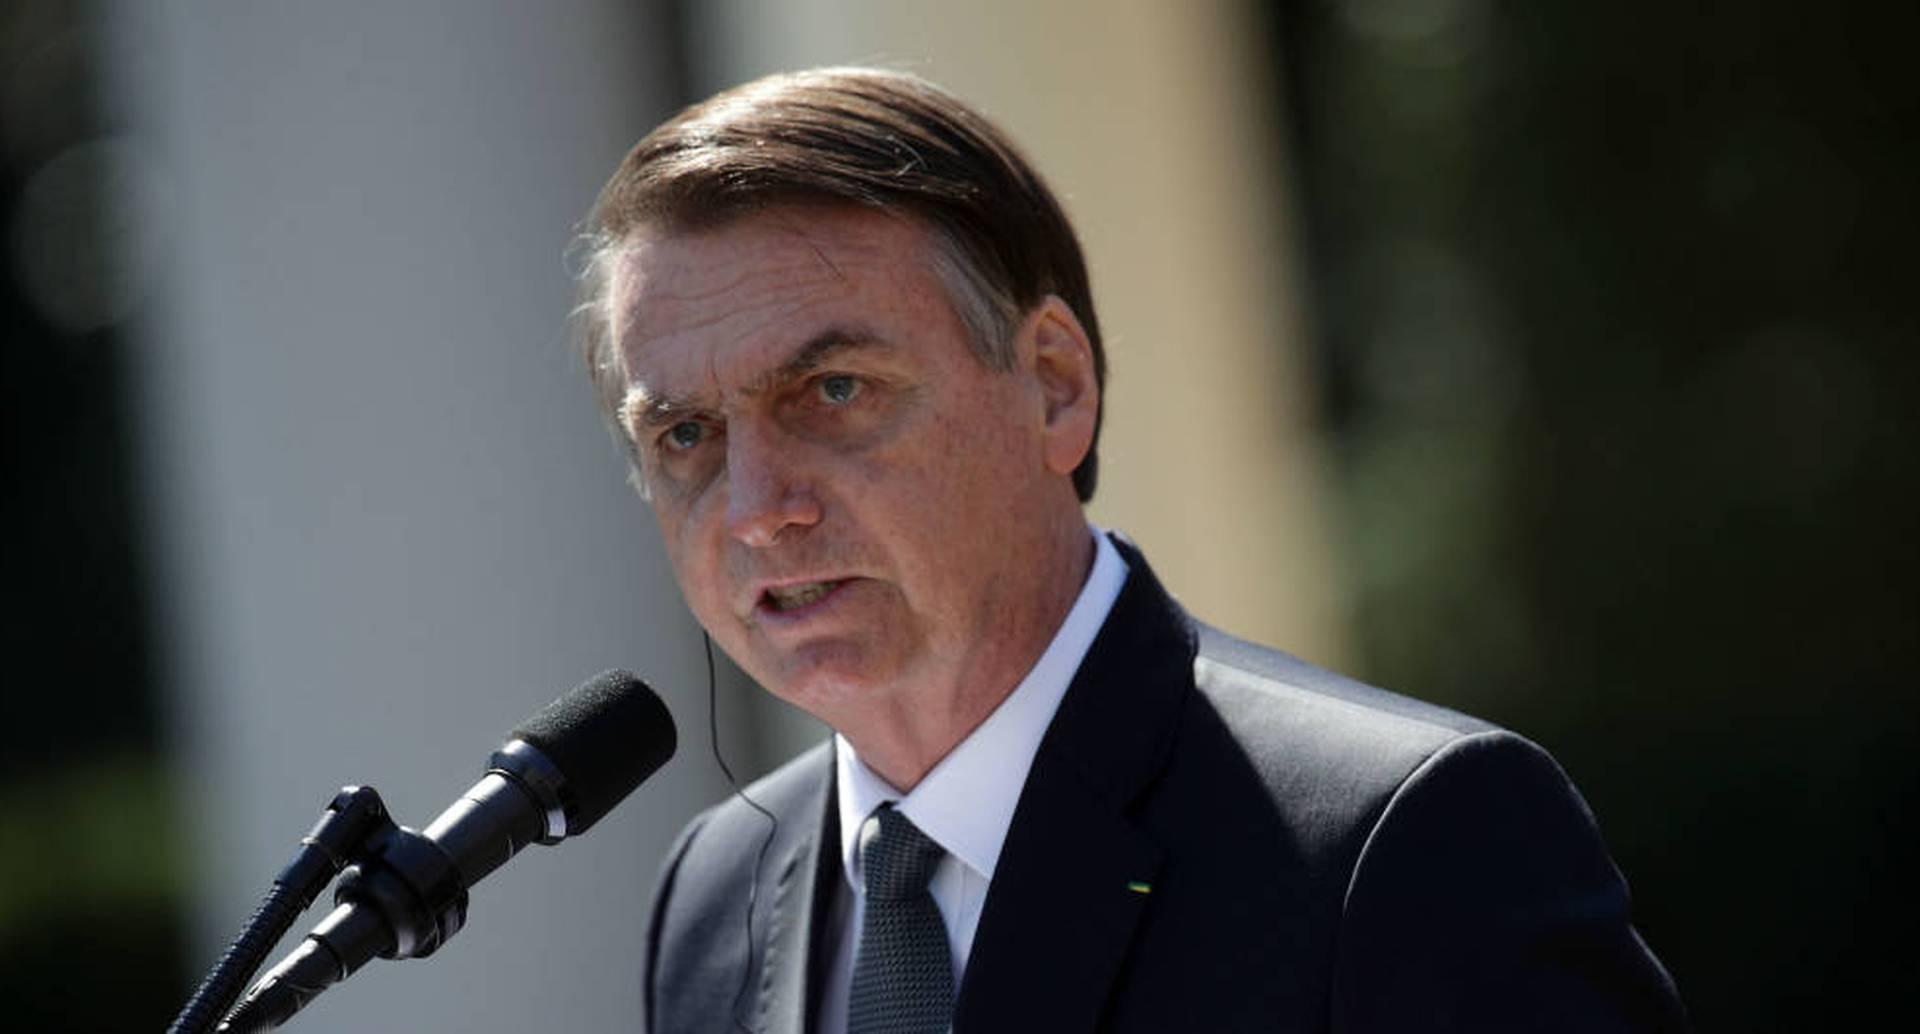 Jair Bolsonaro, se fue en contra de Biden por amenaza sobre la Amazonia